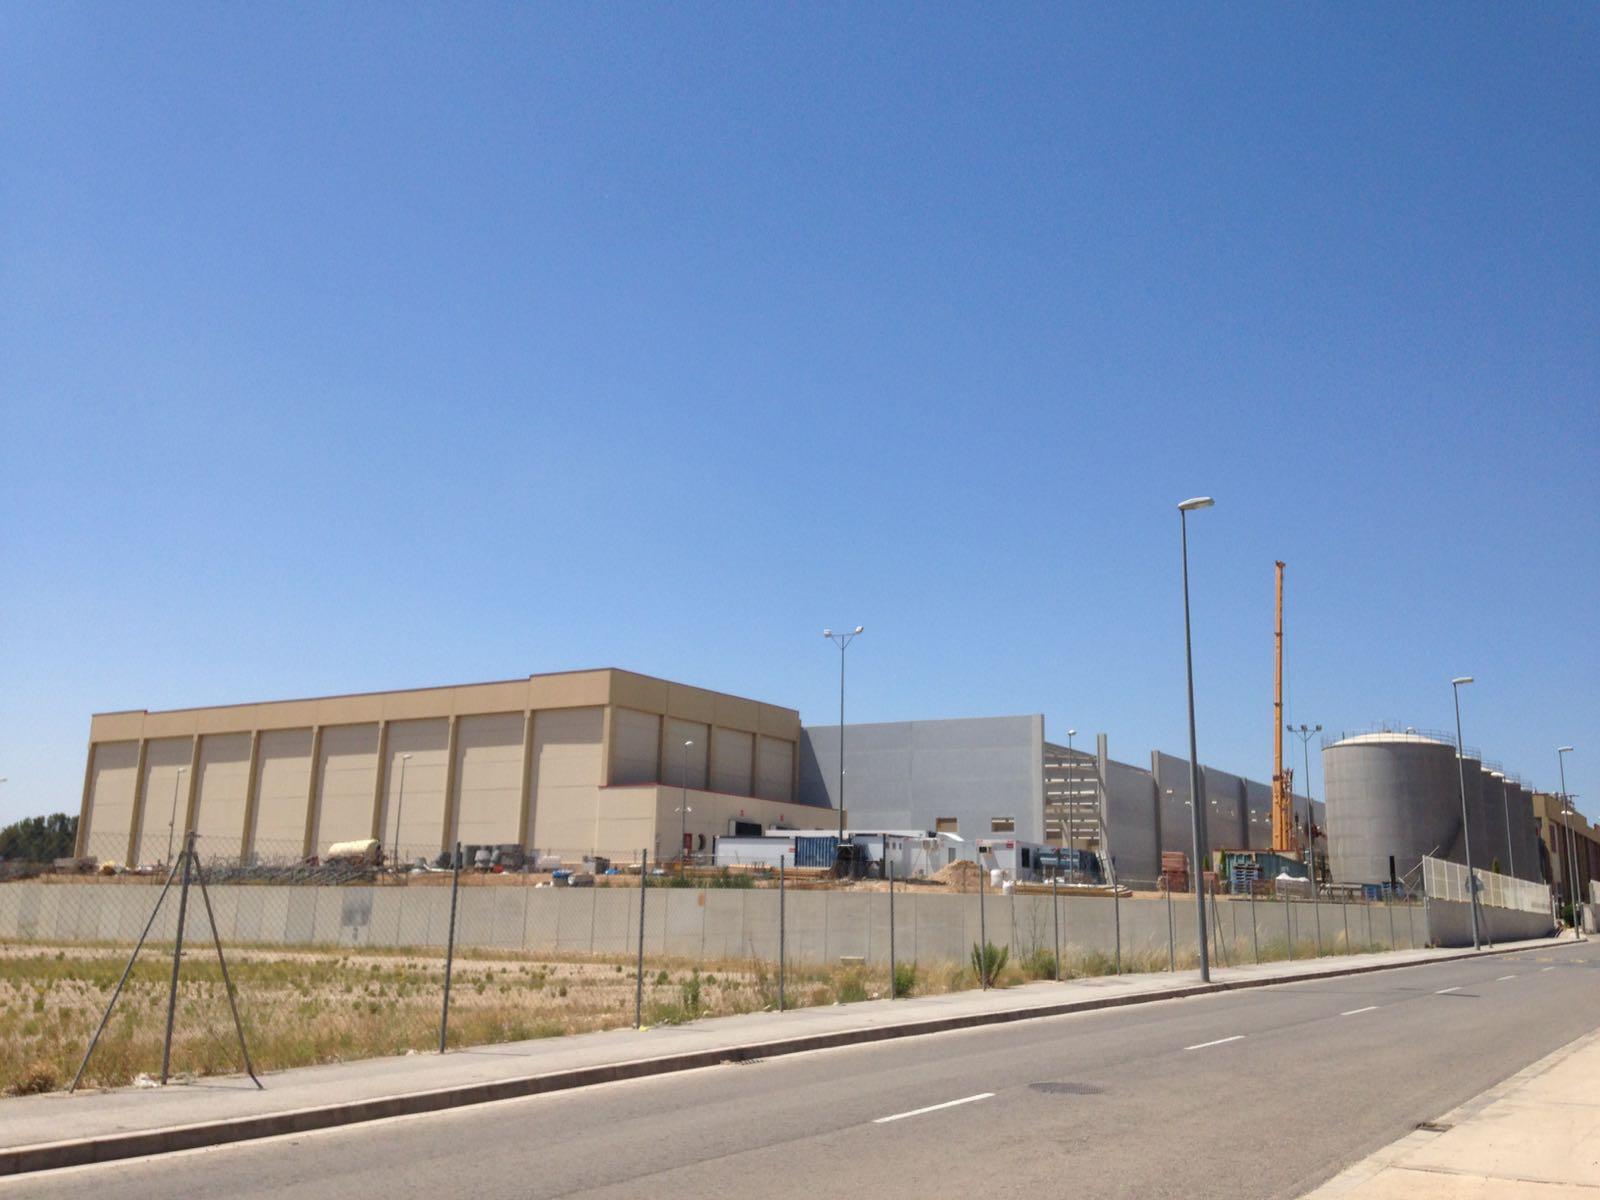 La concejalía de Urbanismo de Buñol comienza la ampliación de suelo industrial y terciario en su término.